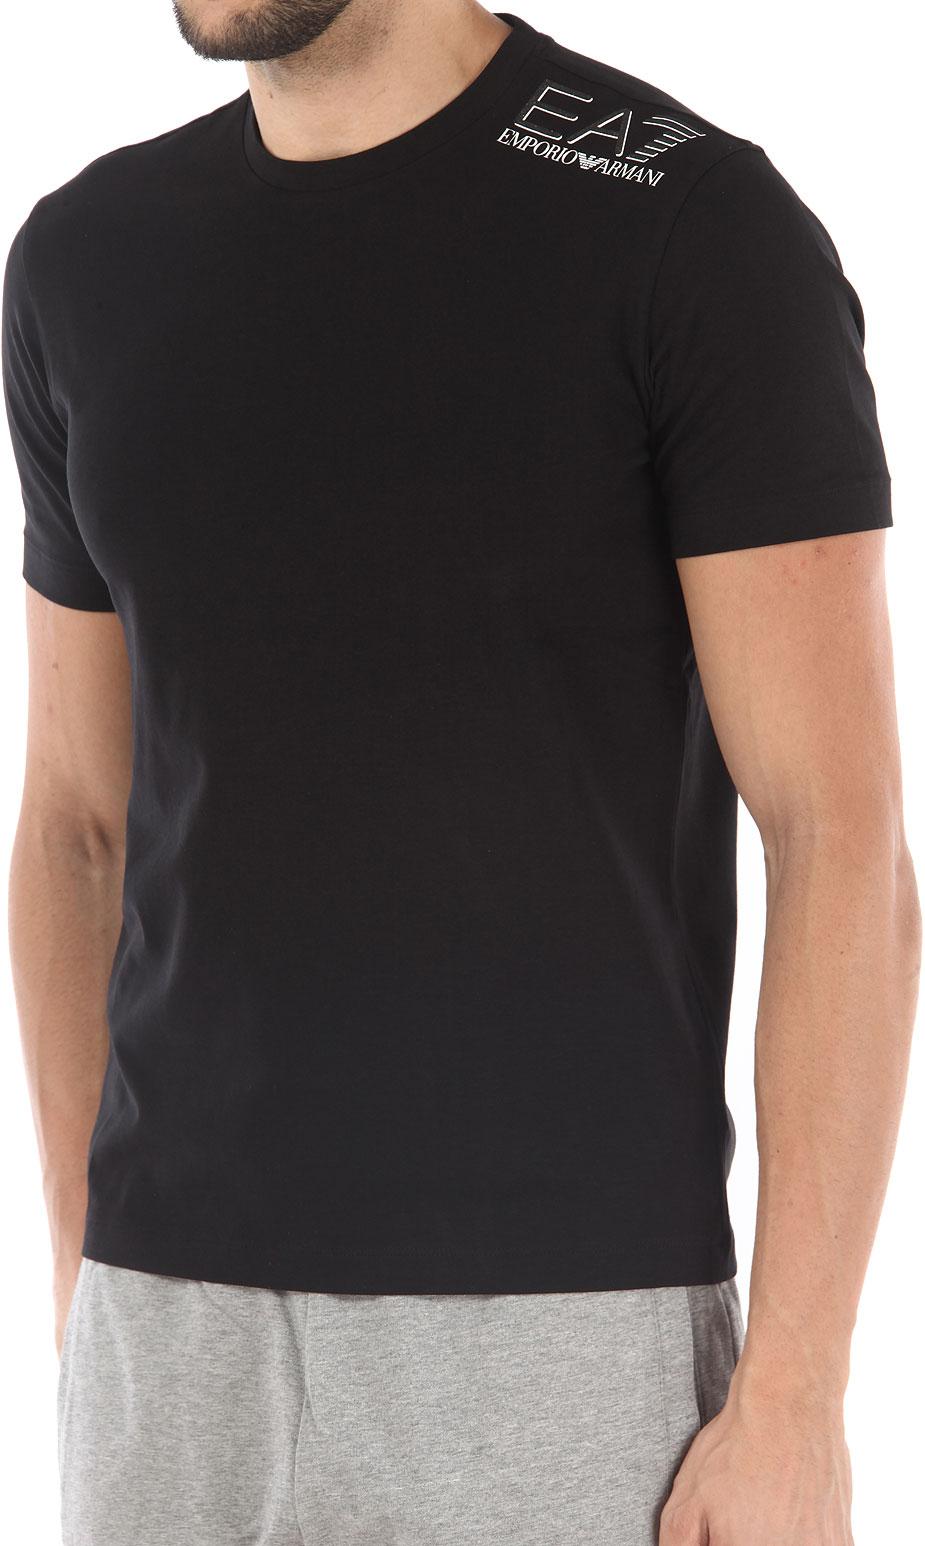 Abbigliamento Uomo Emporio Armani, Codice Articolo: 6yptb6-pj18z-1200